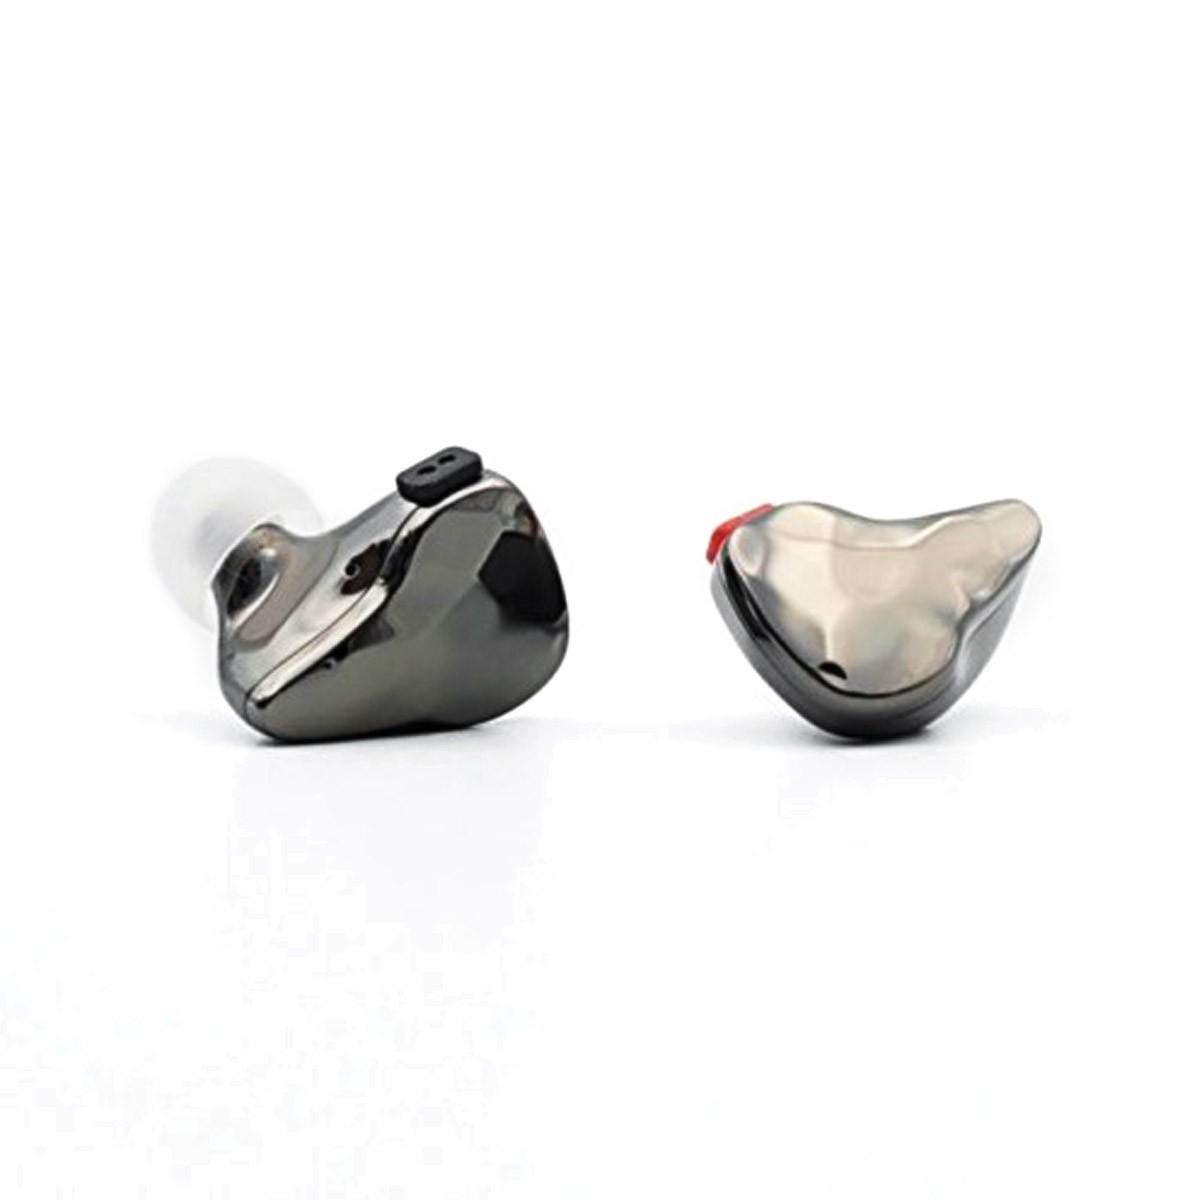 IKKO OBSIDIAN OH10 Hybrid In-Ear Monitor IEM Dynamic and Balanced Armature